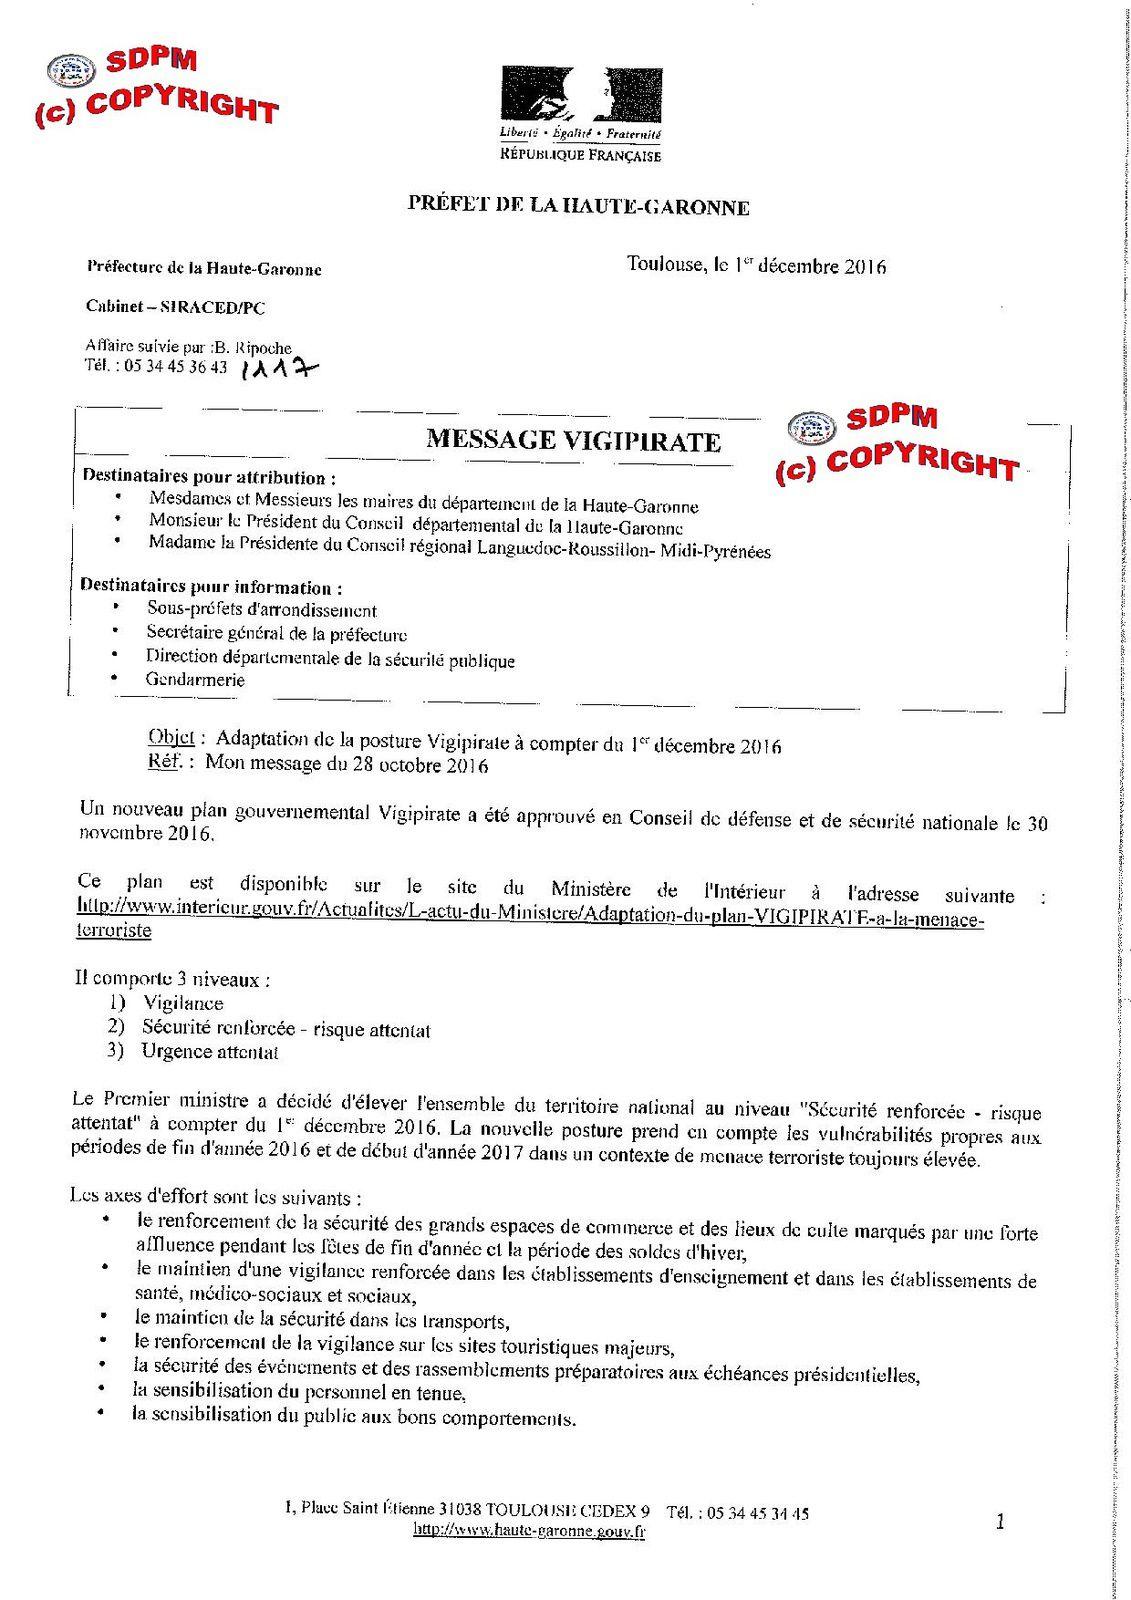 Note du 1/12/2016 : l'Etat demande l'implication des Policiers Municipaux dans le nouveau plan Vigipirate mais refuse de tous les armer !